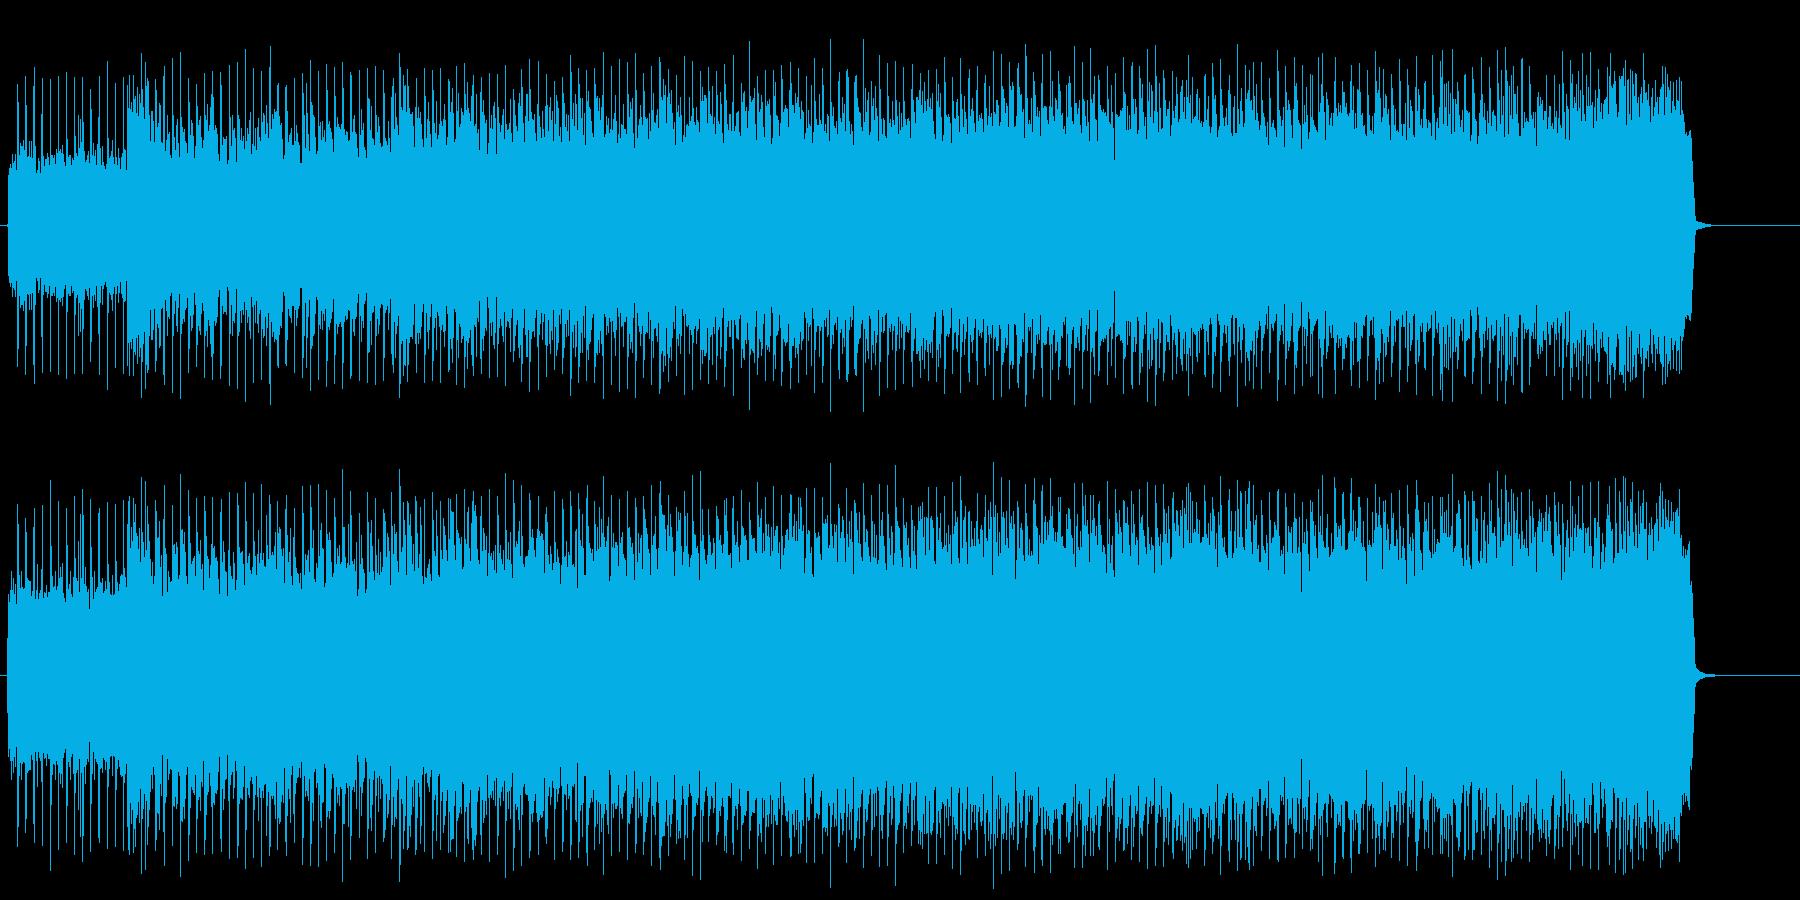 スポーティーなアメリカン・ロック/ハードの再生済みの波形